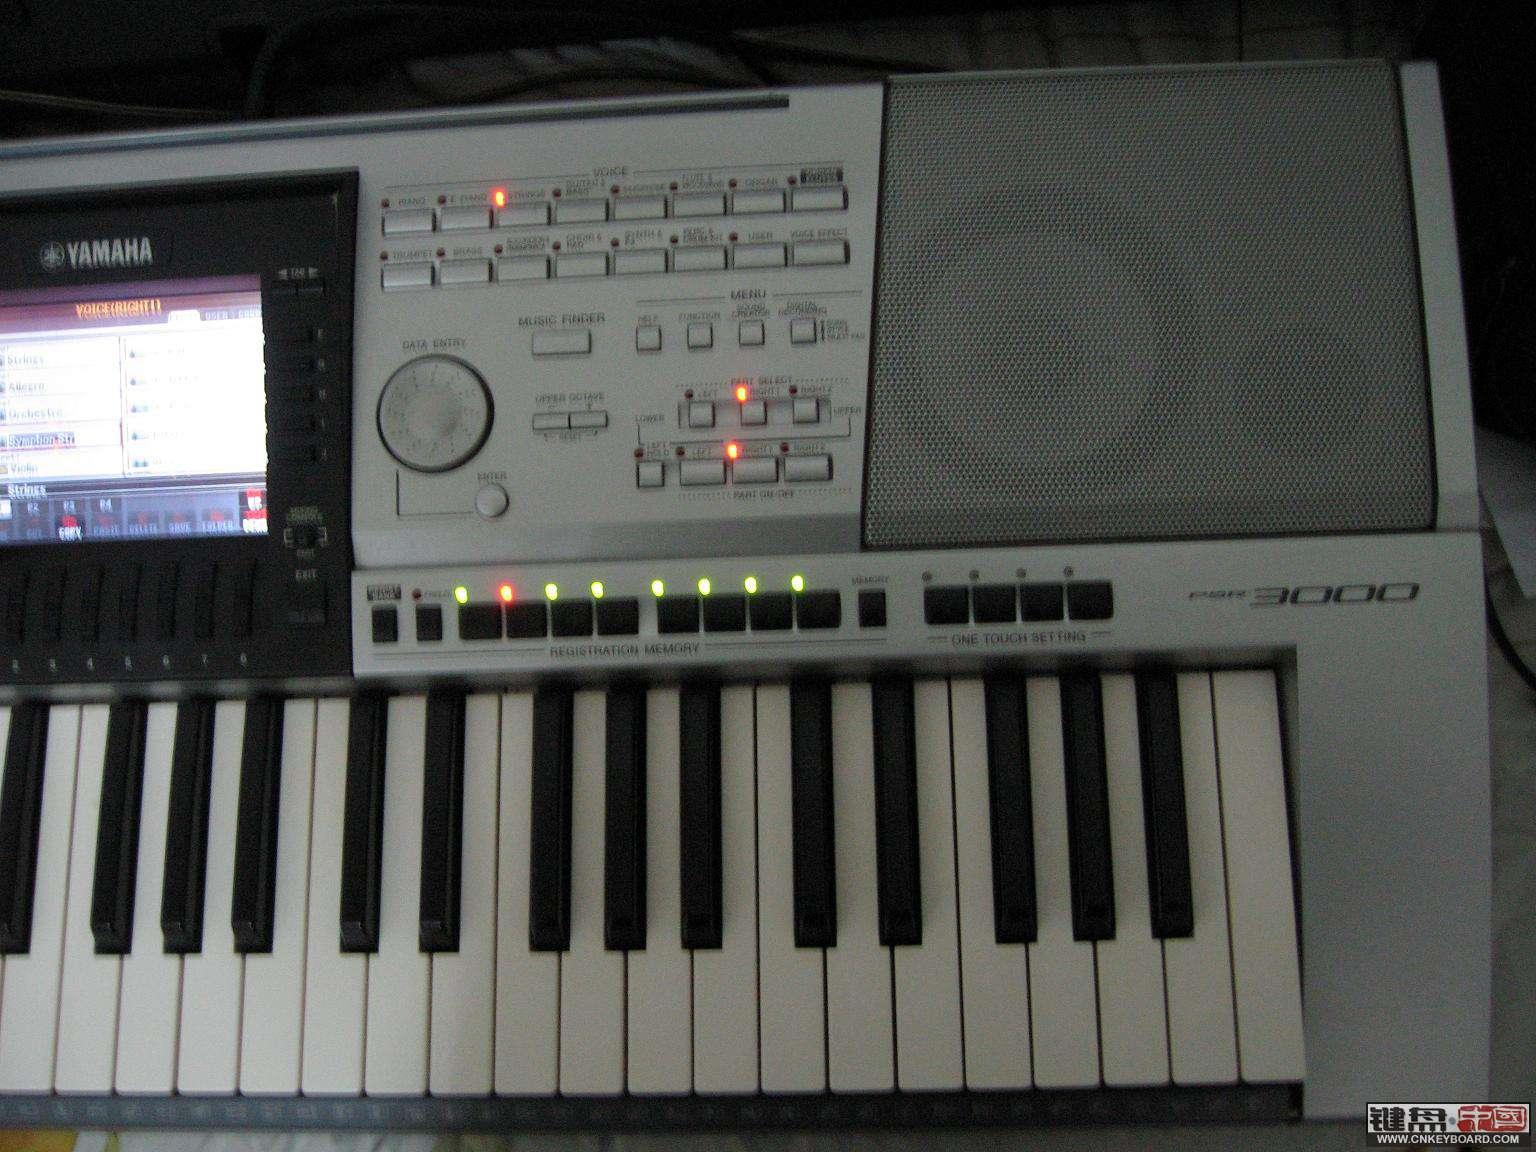 雅马哈psr3000-◇二手乐器交易◇-键盘中国论坛